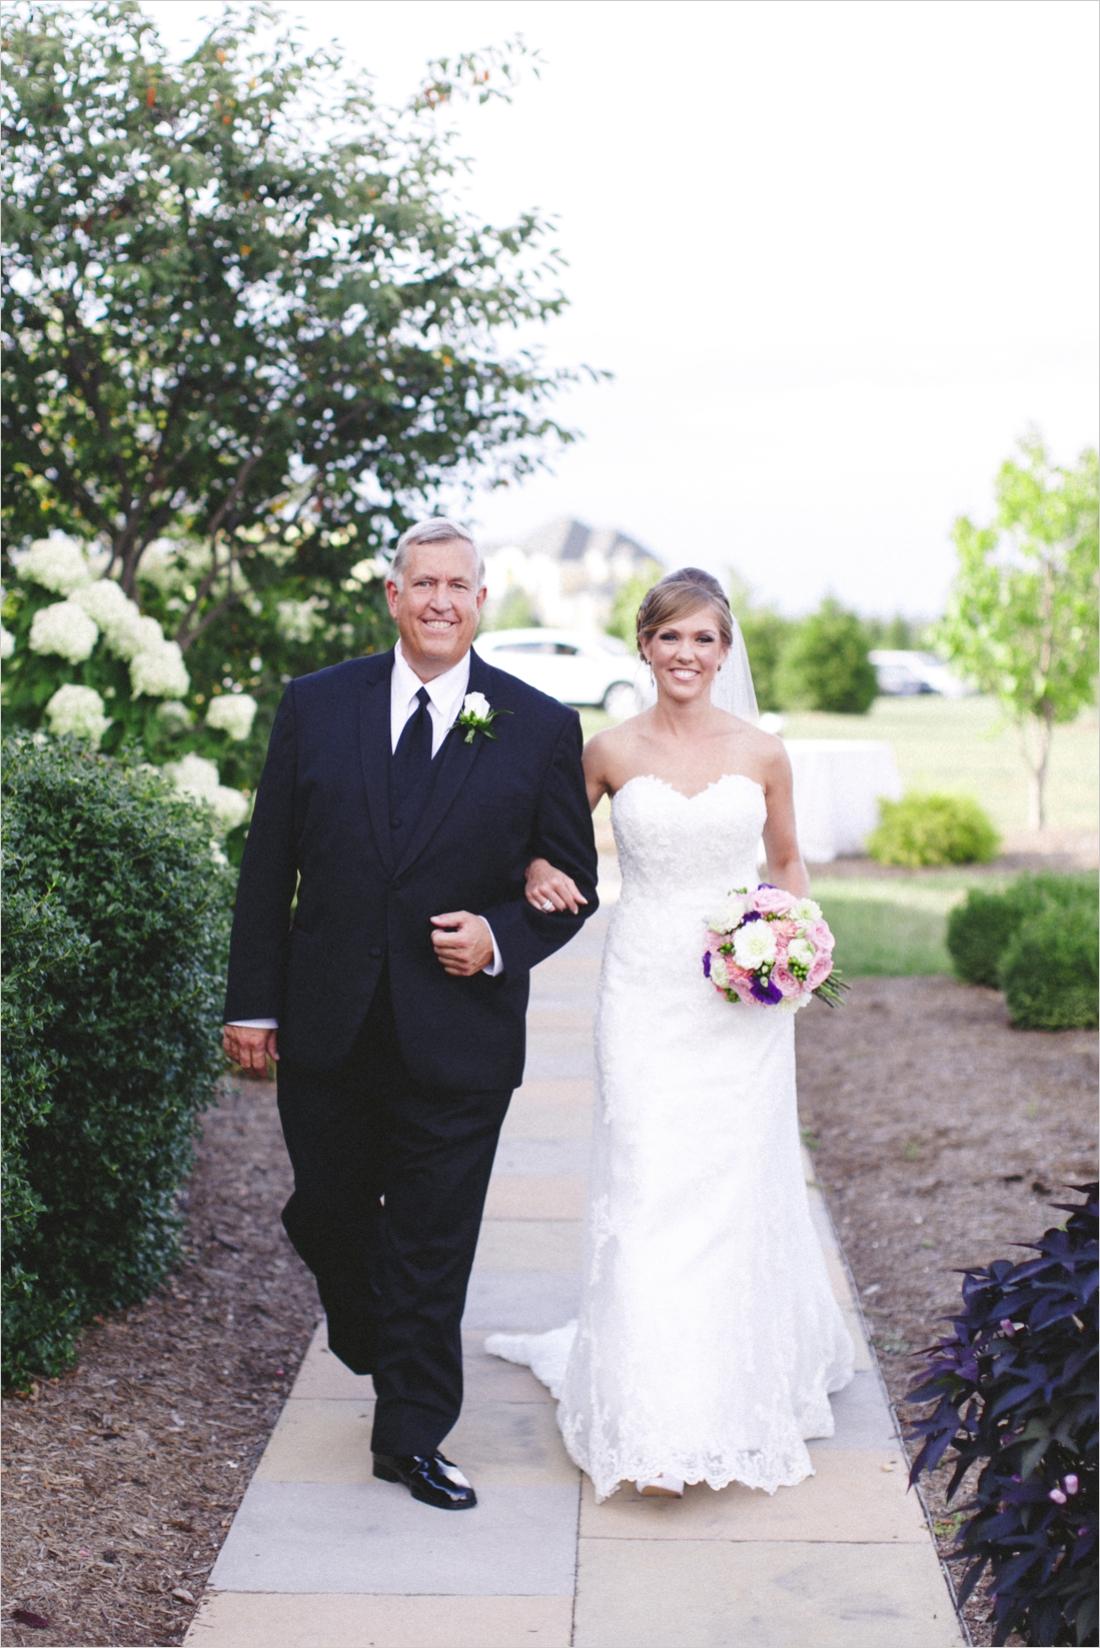 leslie-derek-crosskeys-vineyard-wedding-harrisonbug-va_0022